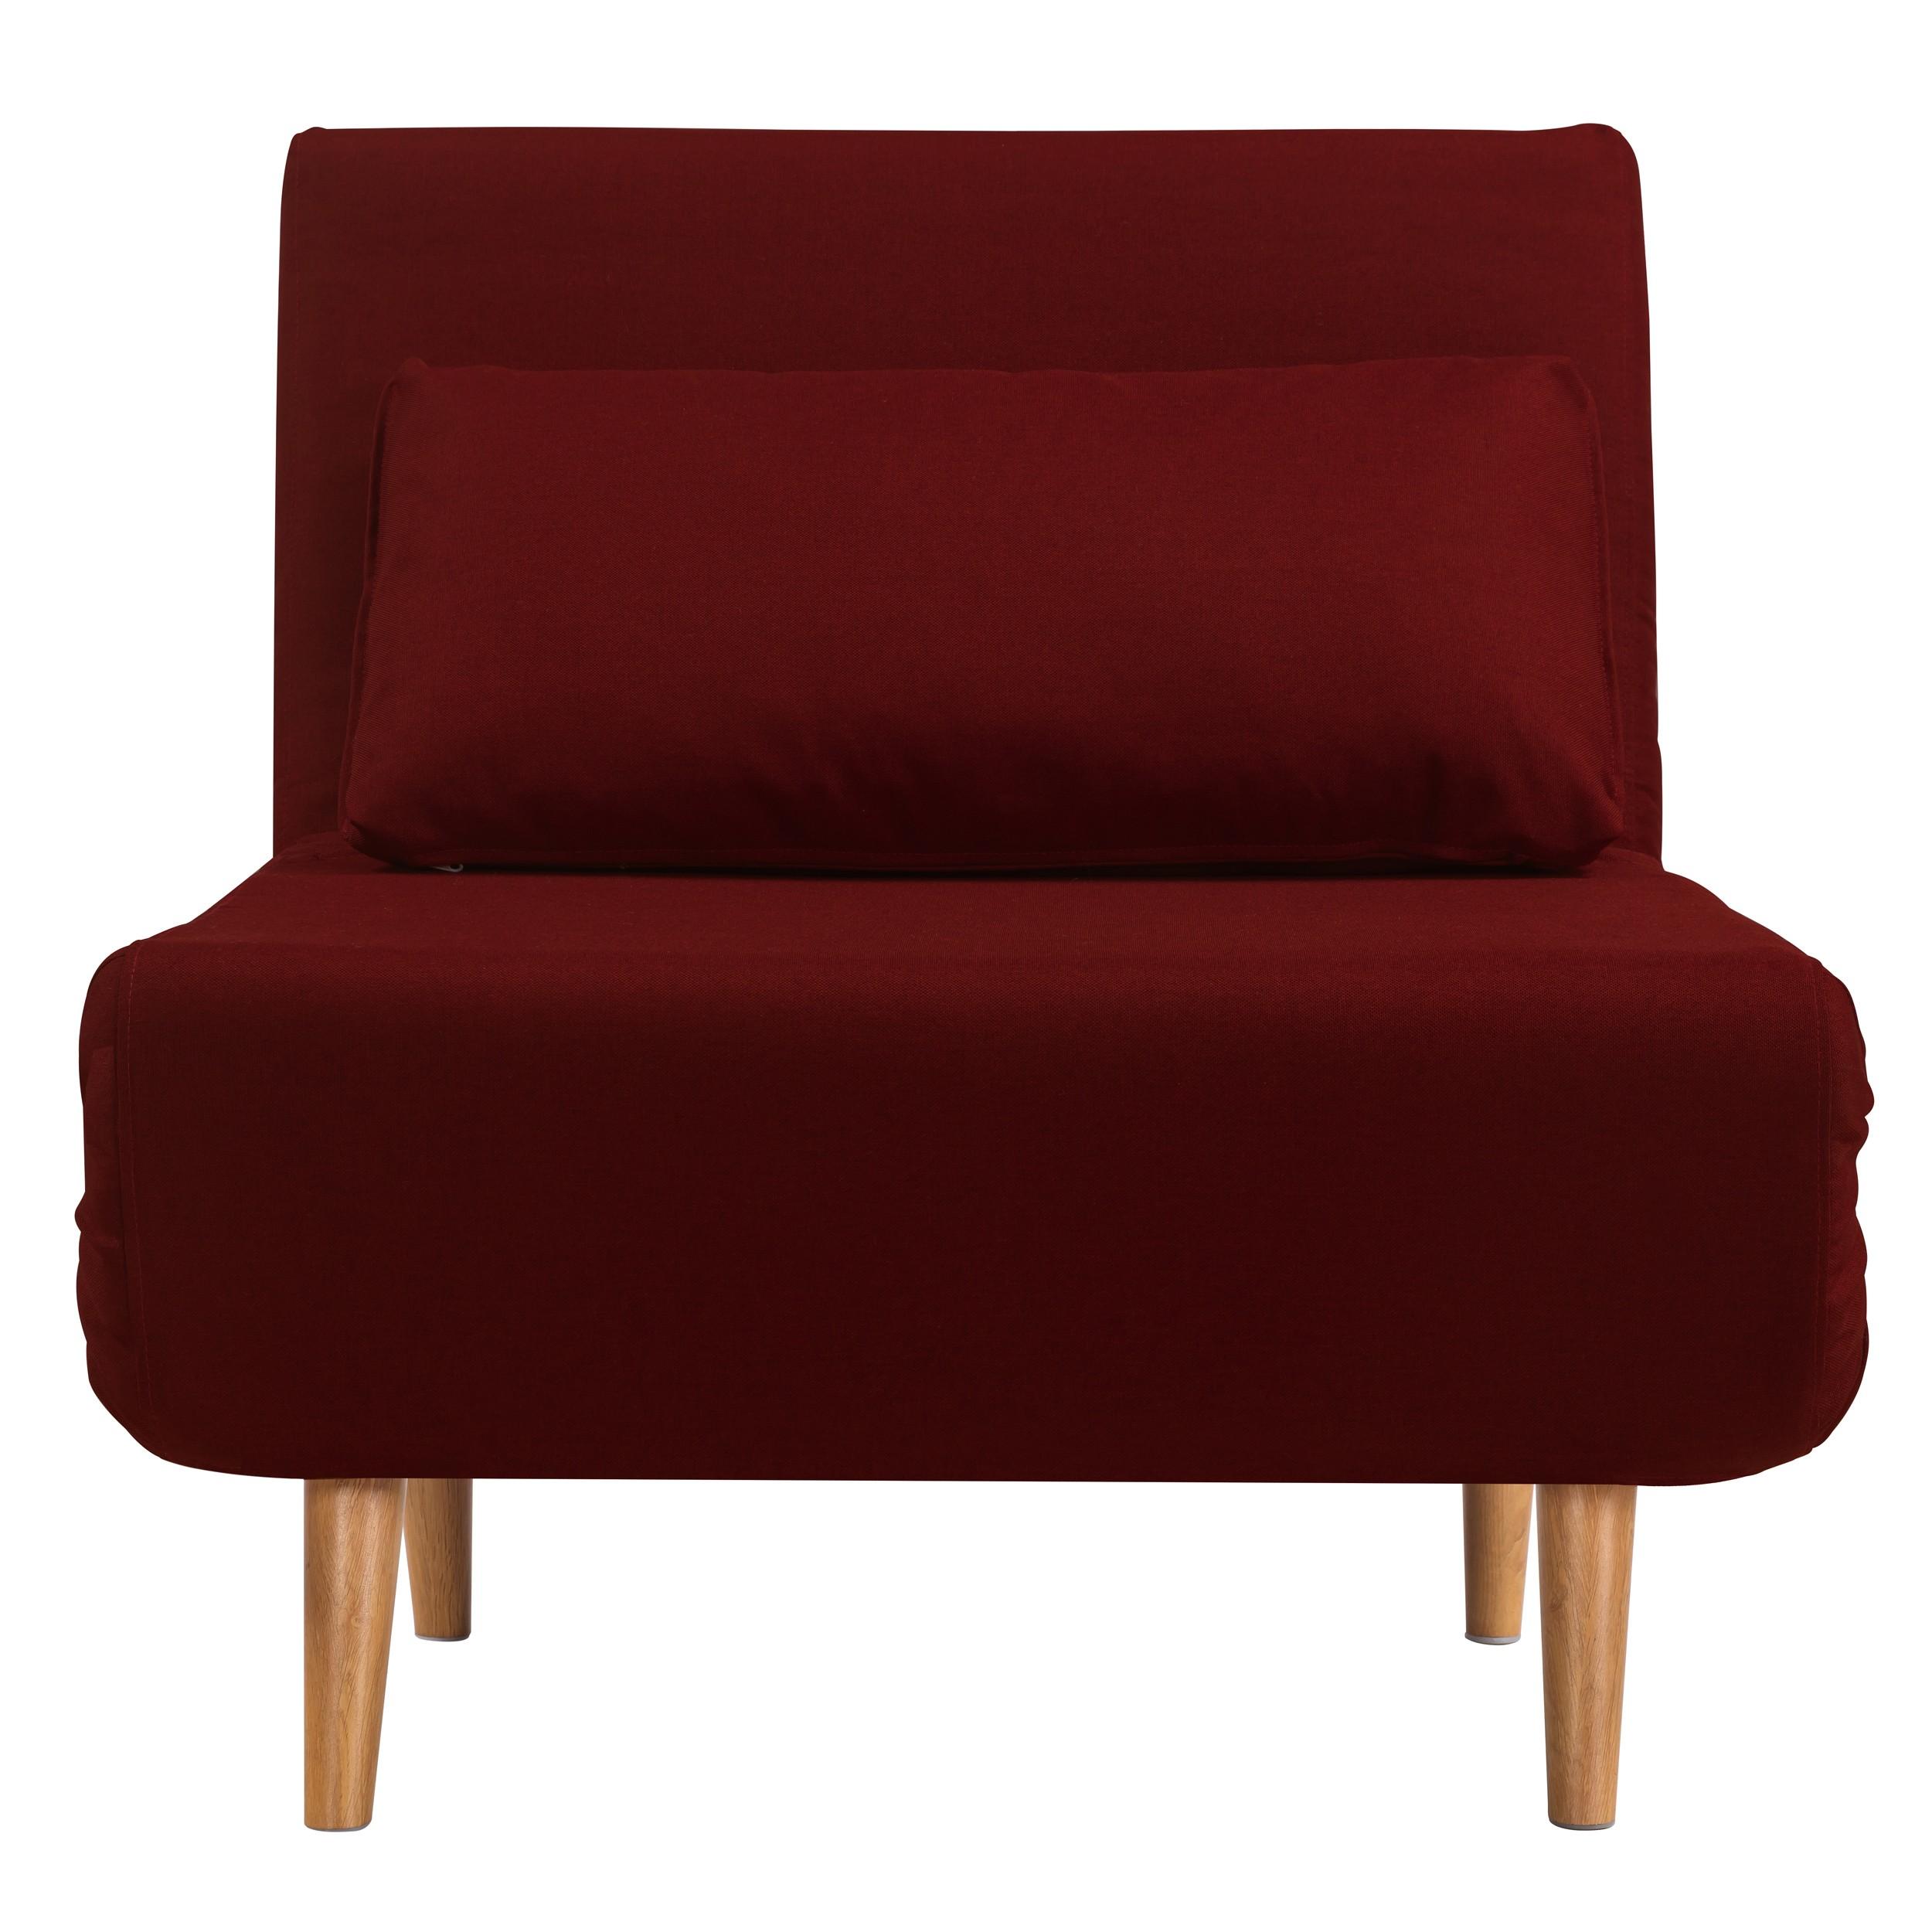 acheter fauteuil rouge tissu convertible